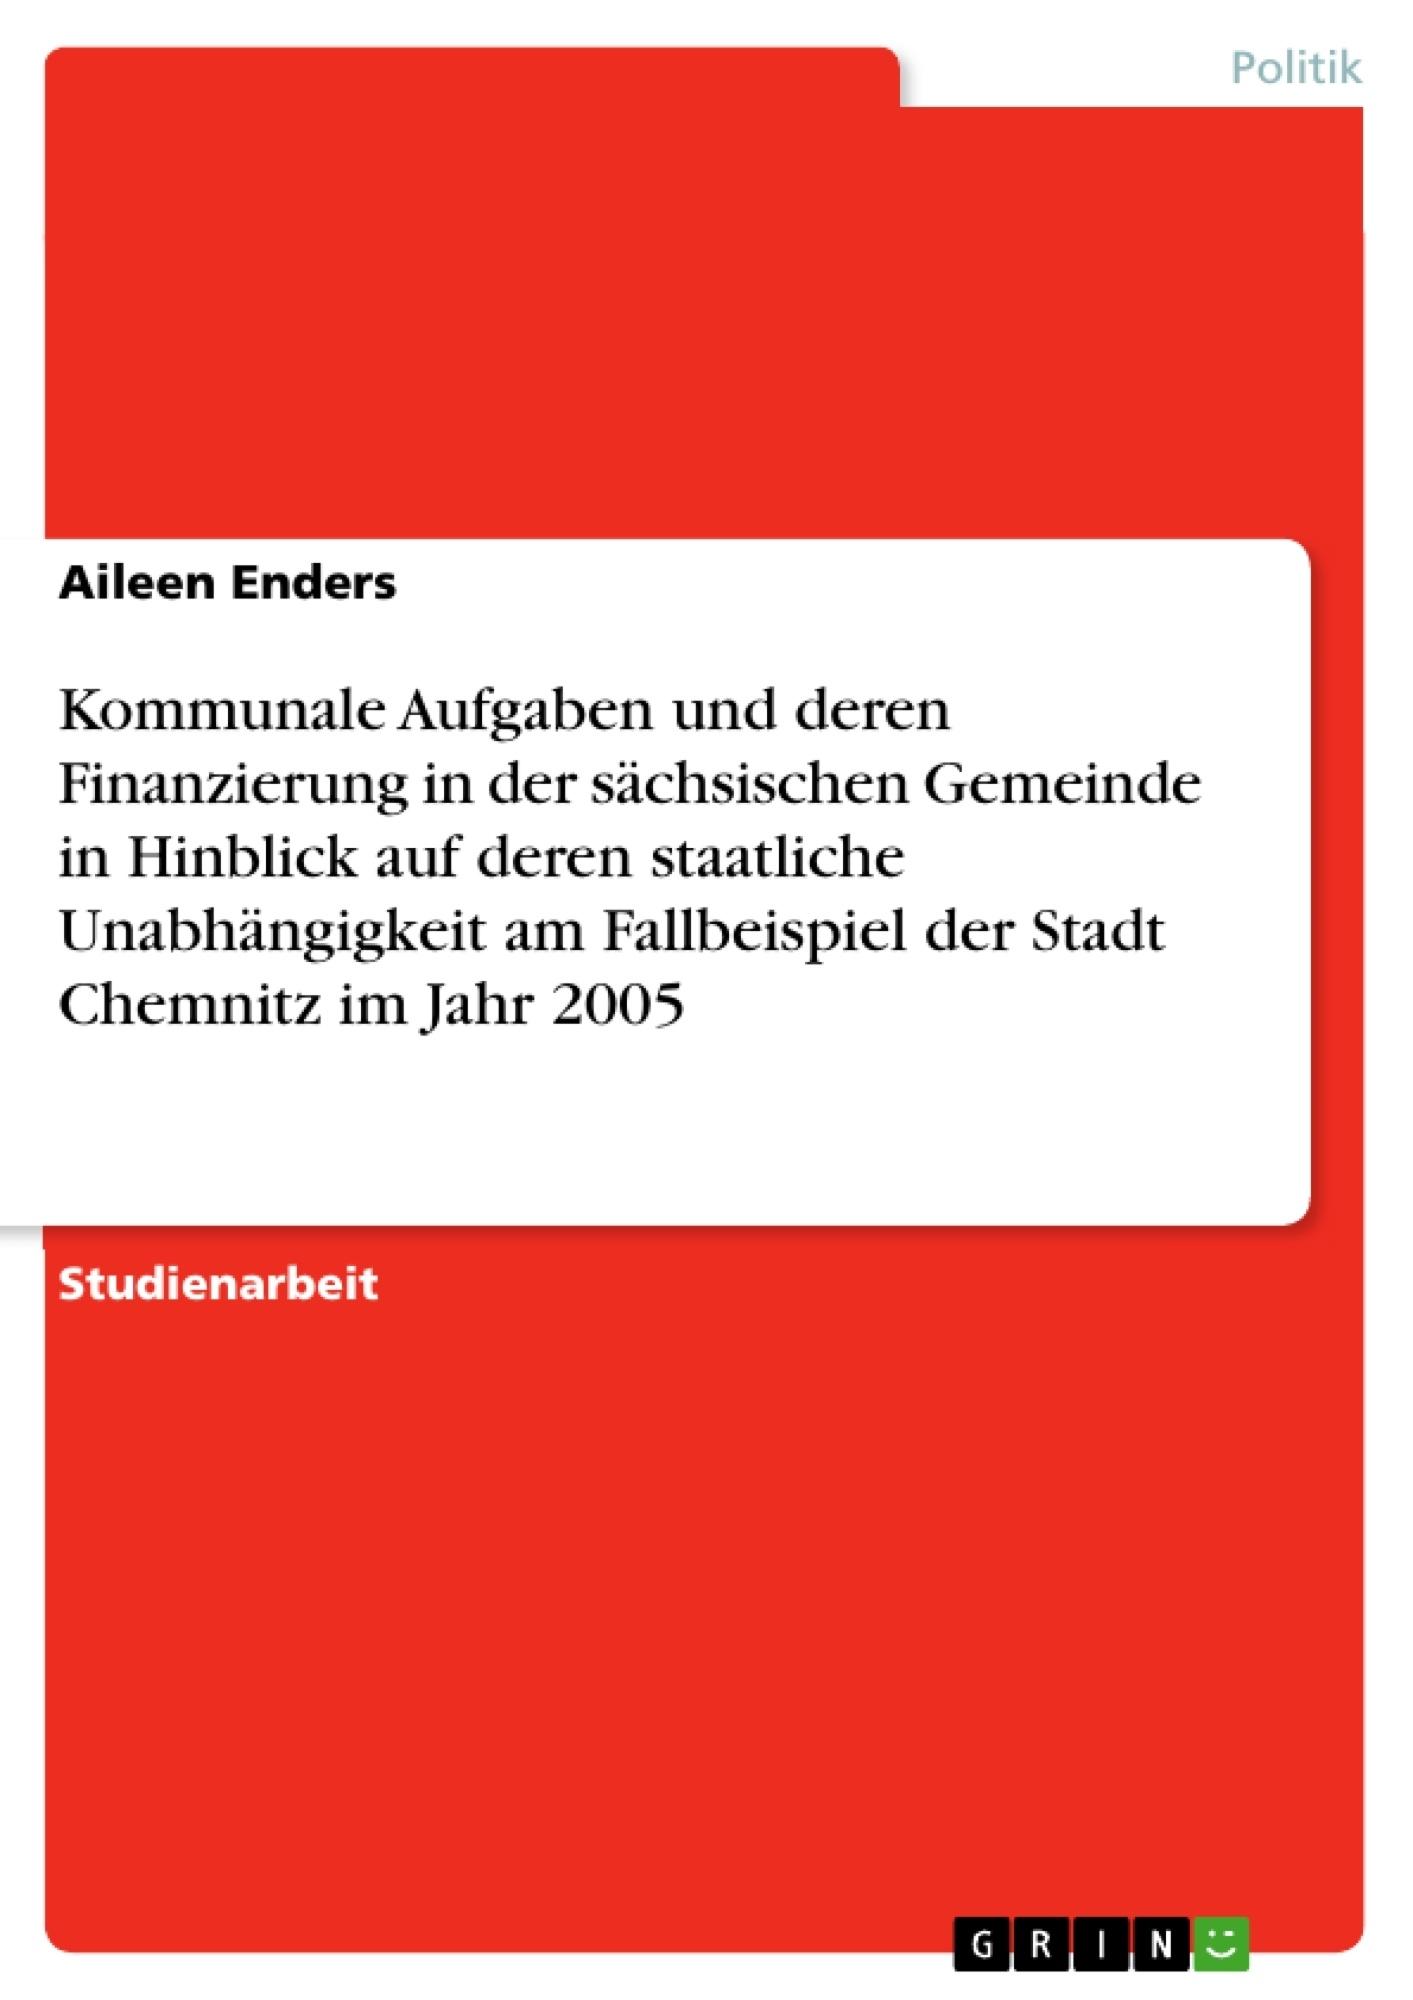 Titel: Kommunale Aufgaben und deren Finanzierung in der sächsischen Gemeinde in Hinblick auf deren staatliche Unabhängigkeit am Fallbeispiel der Stadt Chemnitz im Jahr 2005